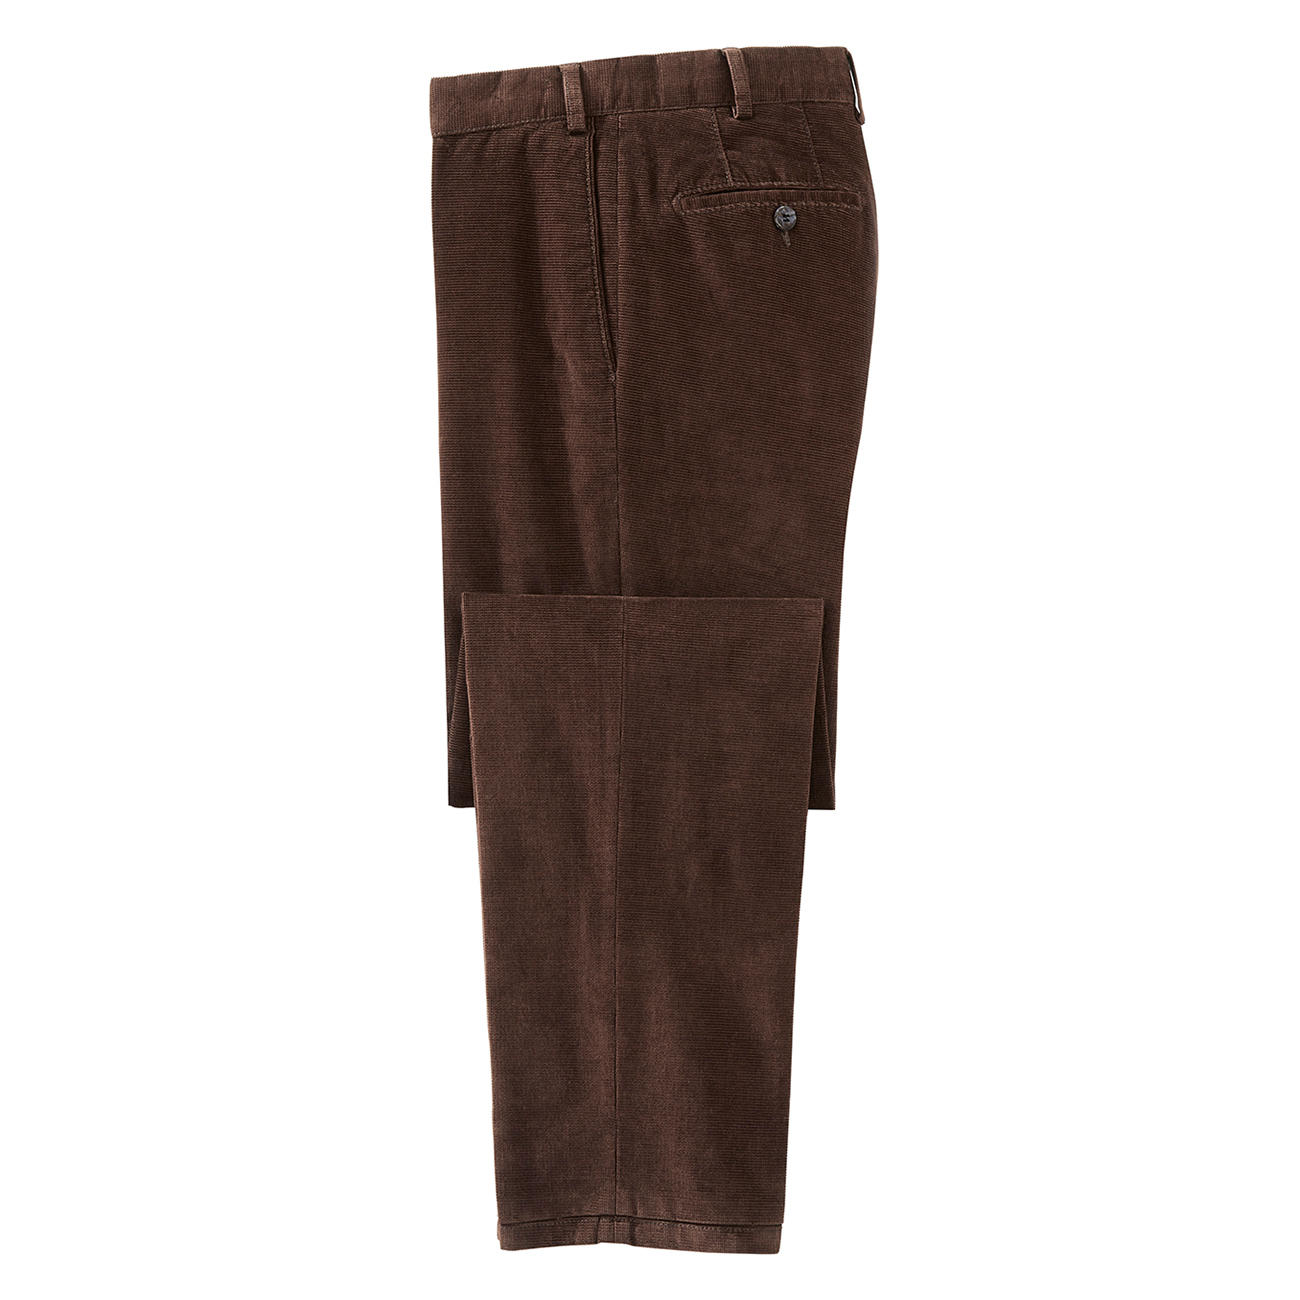 9262843a17aa6 Pantalon en velours côtelé 2.0 Hiltl - Velours côtelé 2.0   micro-carreaux  au laser